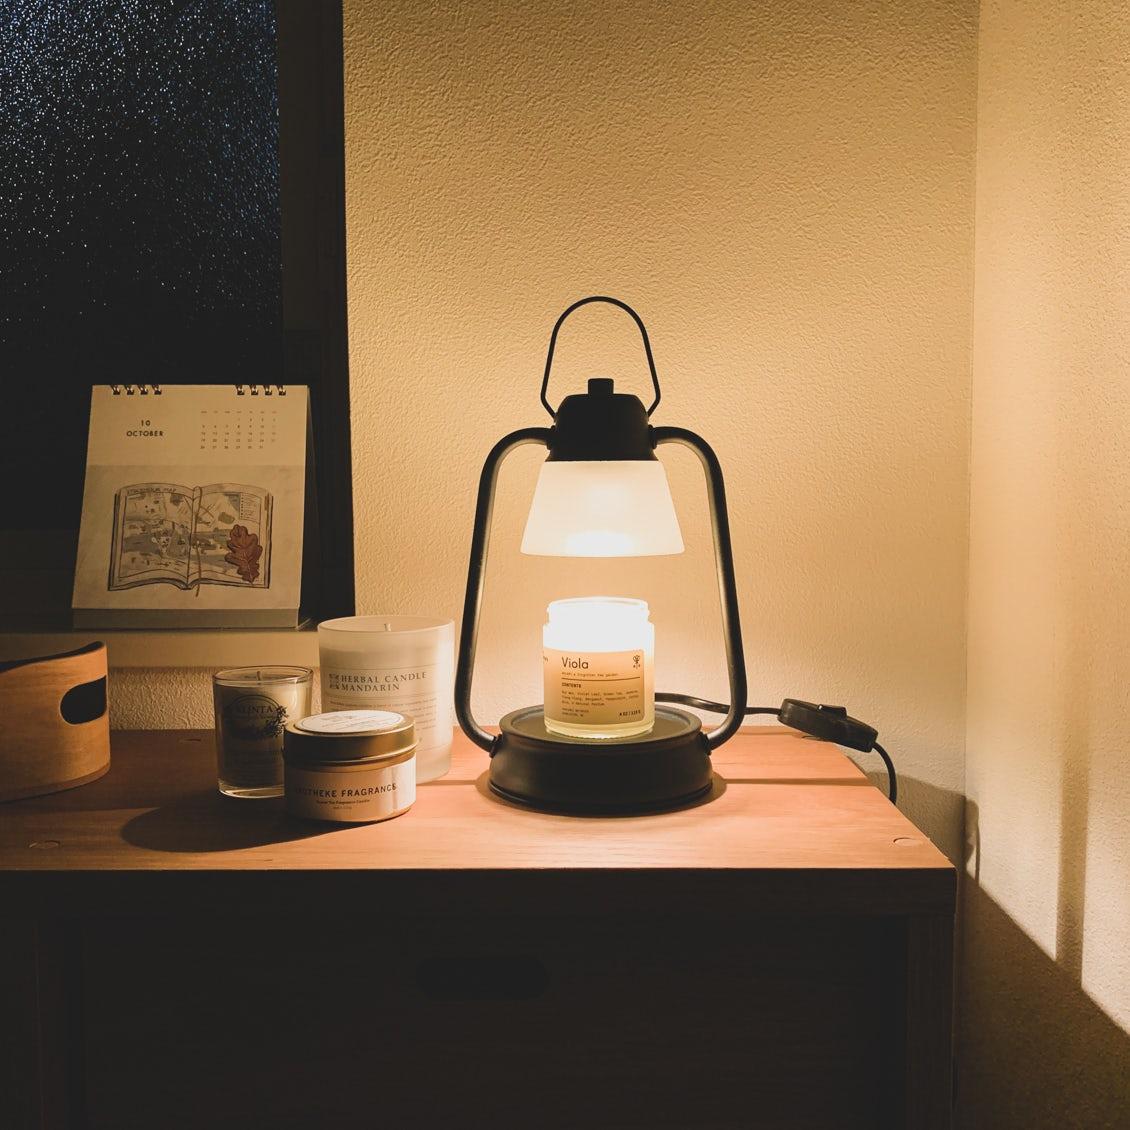 【スタッフの愛用品】アロマキャンドルの香りを火を使わずに楽しみたくて。「キャンドルウォーマーランプ」を迎えてみました。